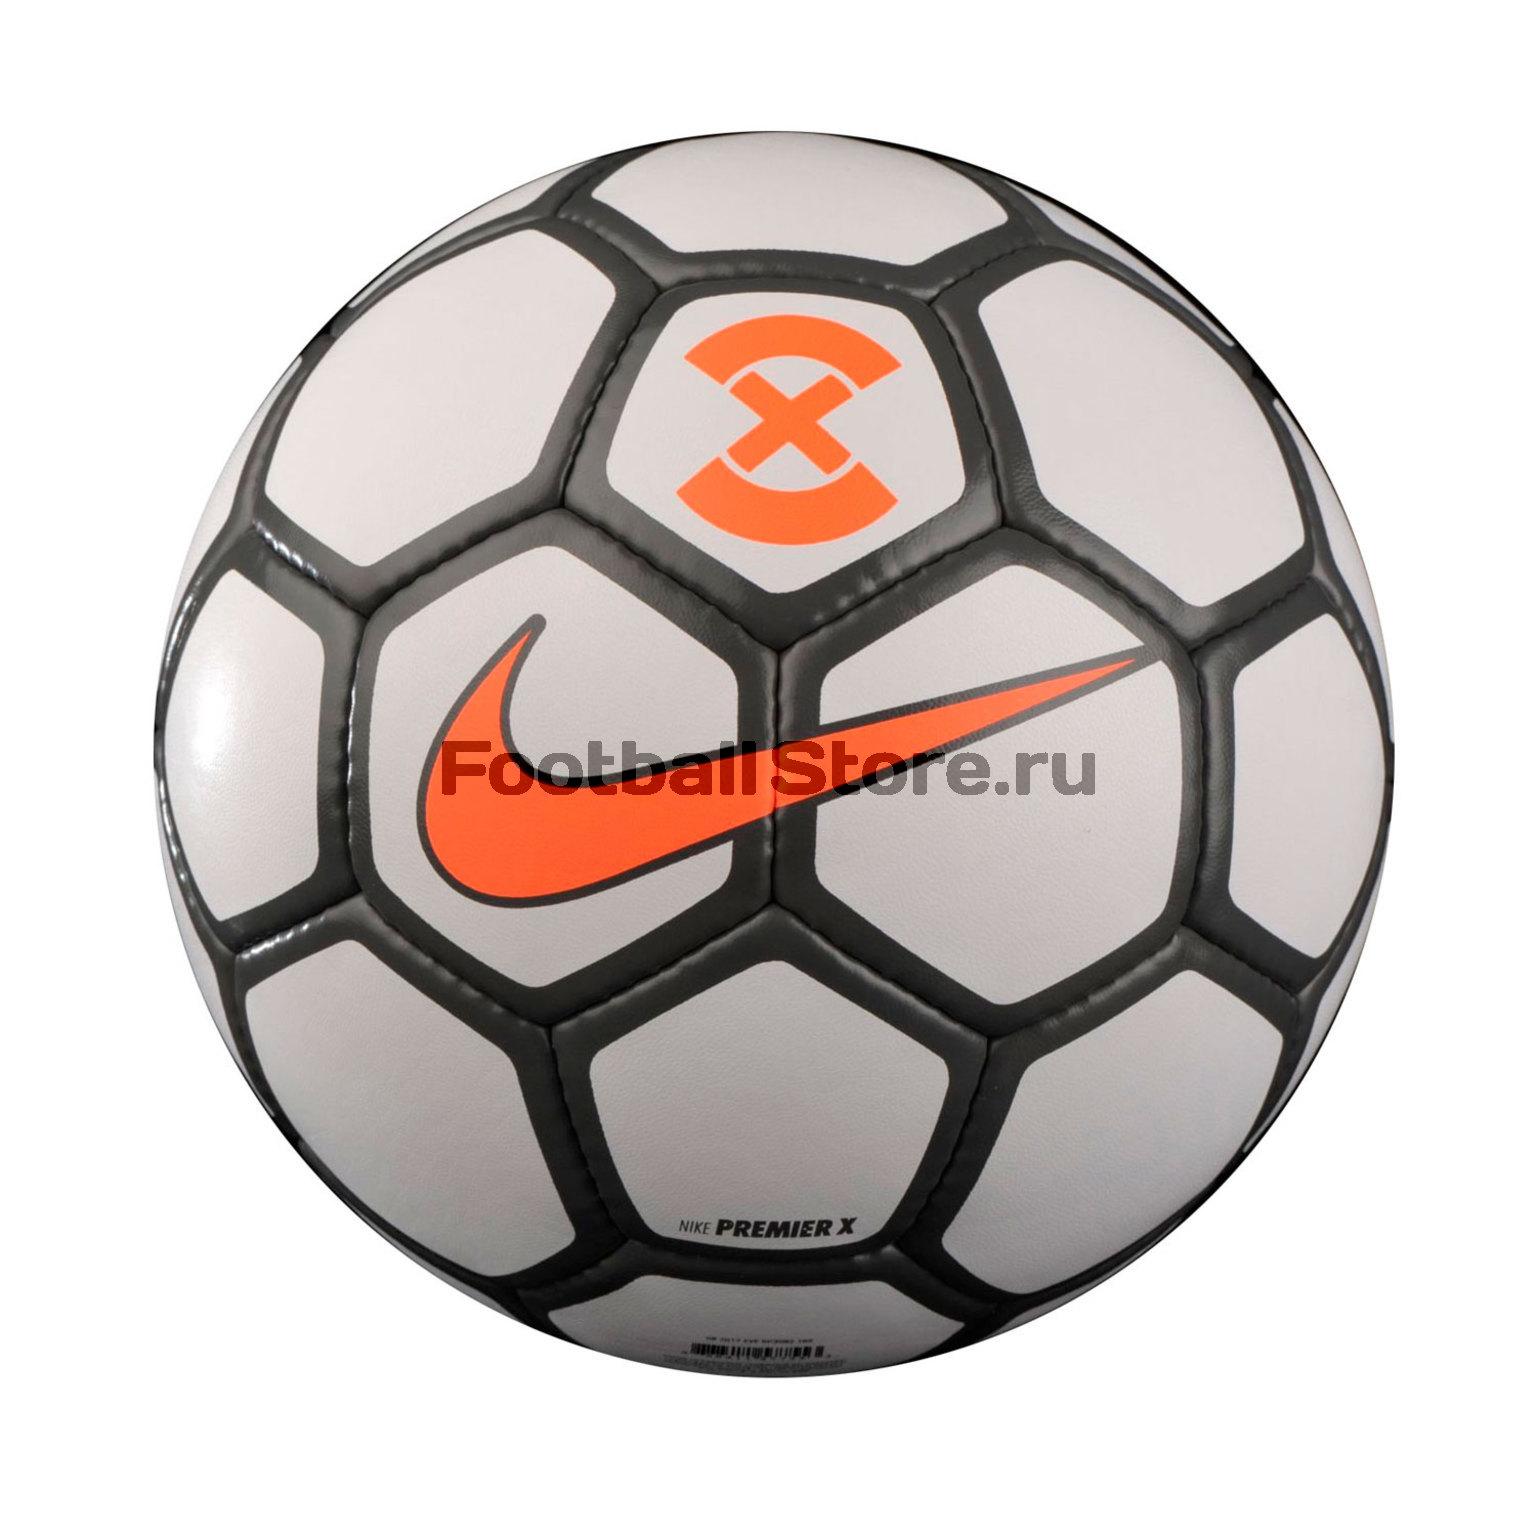 Футзальные Nike Мяч футзальный Nike Premier X SC3092-102 мяч футбольный nike premier х sc3092 102 р 4 fifa quality pro